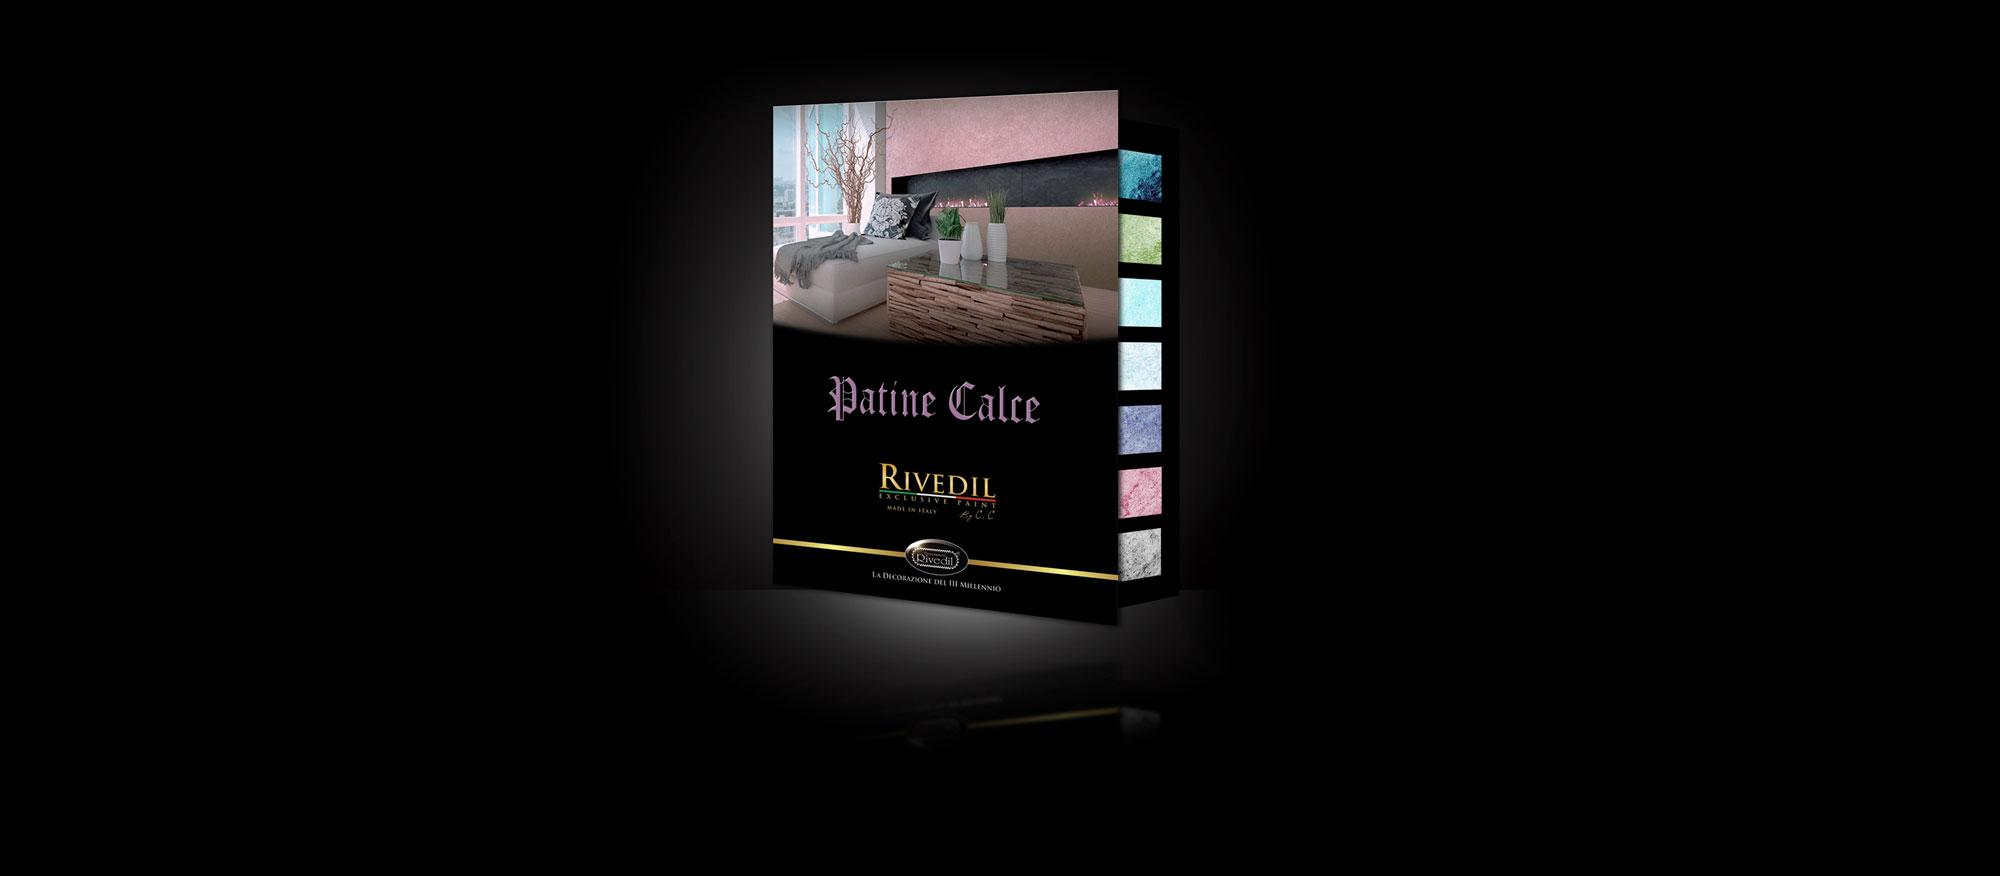 Cartella Patine Calce